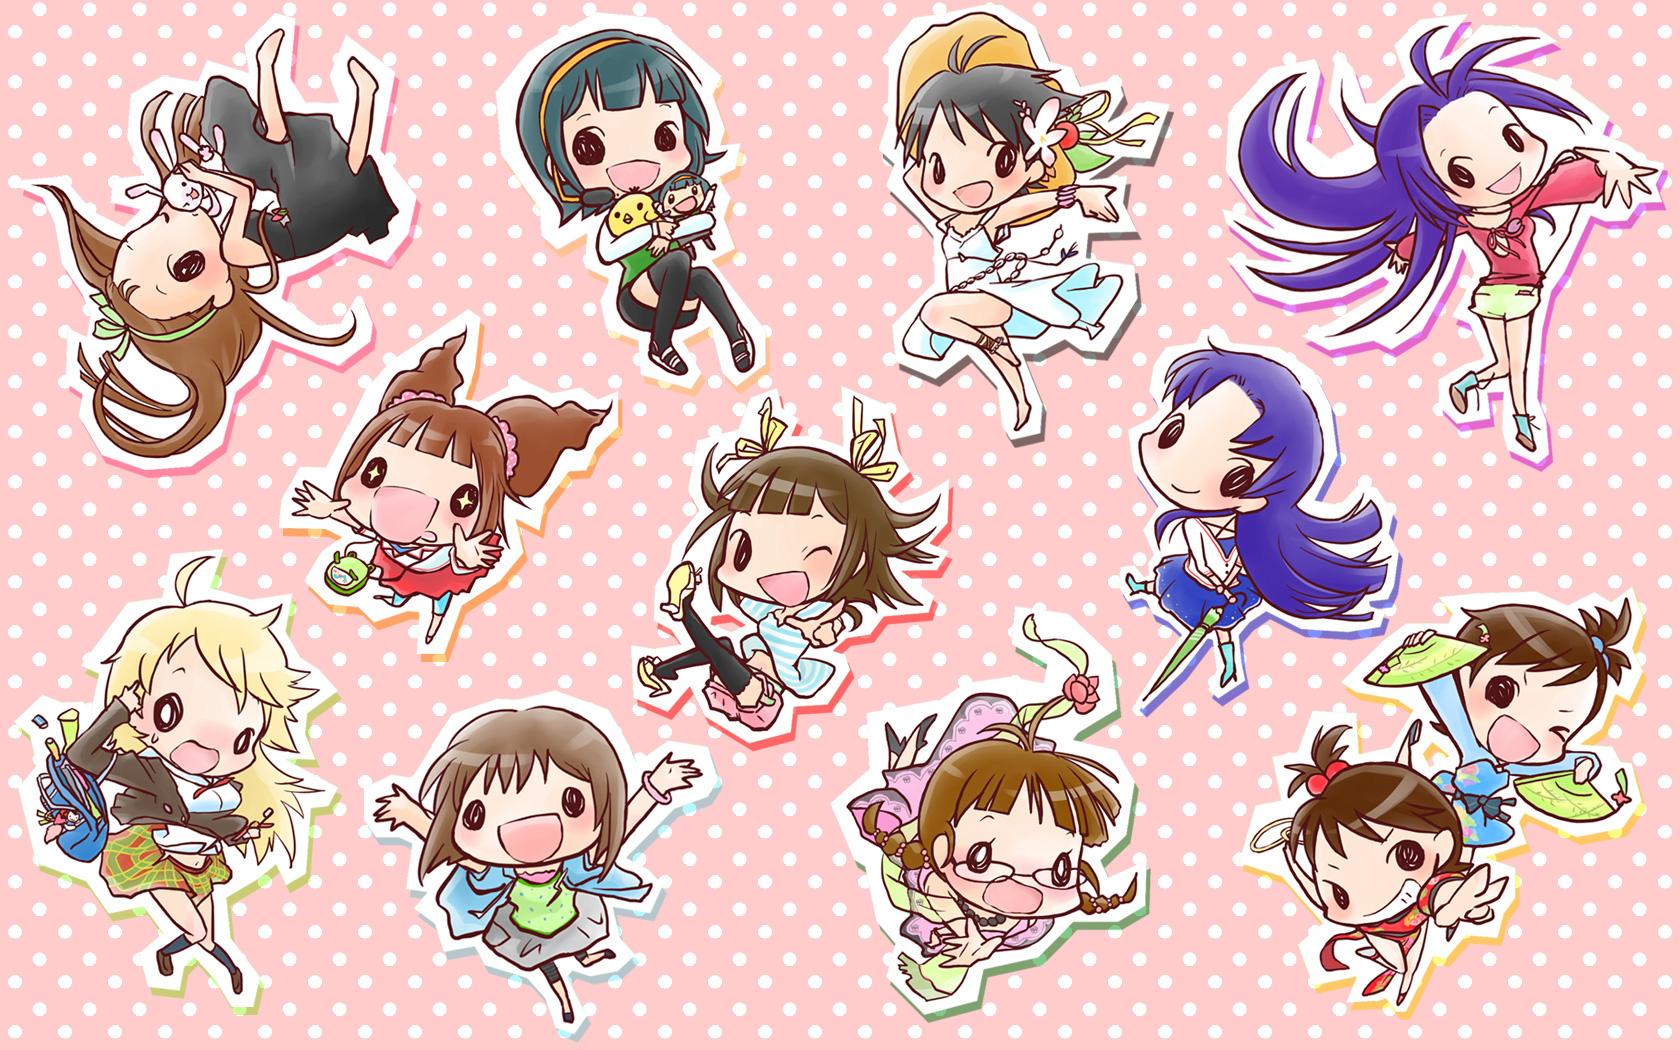 akizuki_ritsuko amami_haruka chibi futami_ami futami_mami hagiwara_yukiho hoshii_miki idolmaster kikuchi_makoto kisaragi_chihaya minase_iori miura_azusa otonashi_kotori takatsuki_yayoi twins